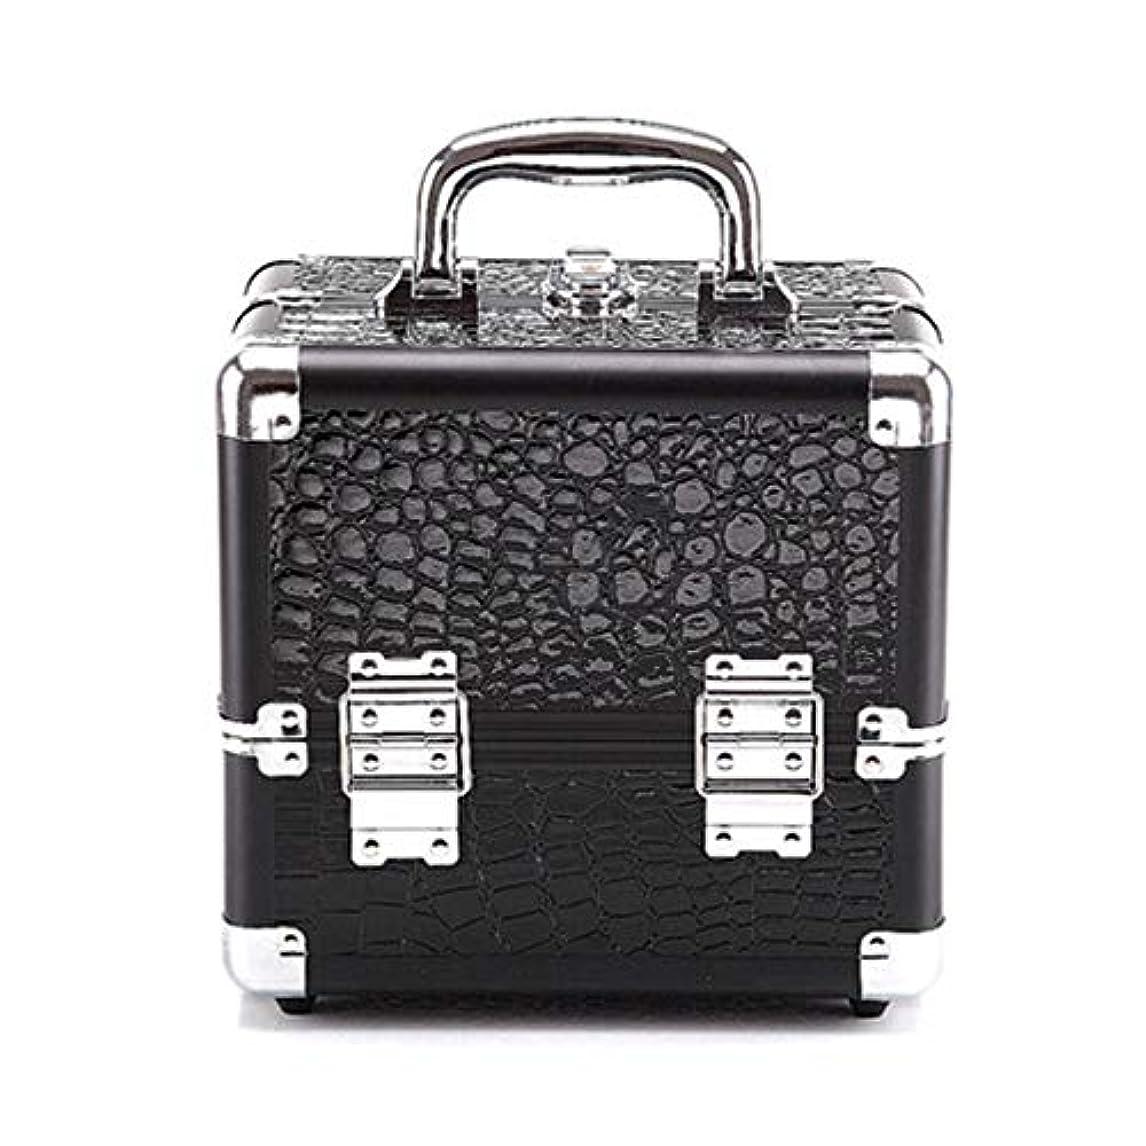 より平らな用量革新特大スペース収納ビューティーボックス 多機能ポータブル旅行化粧ケース化粧品袋トイレタリーバッグ用十代の女の子女性アーティスト 化粧品化粧台 (色 : Black(S))